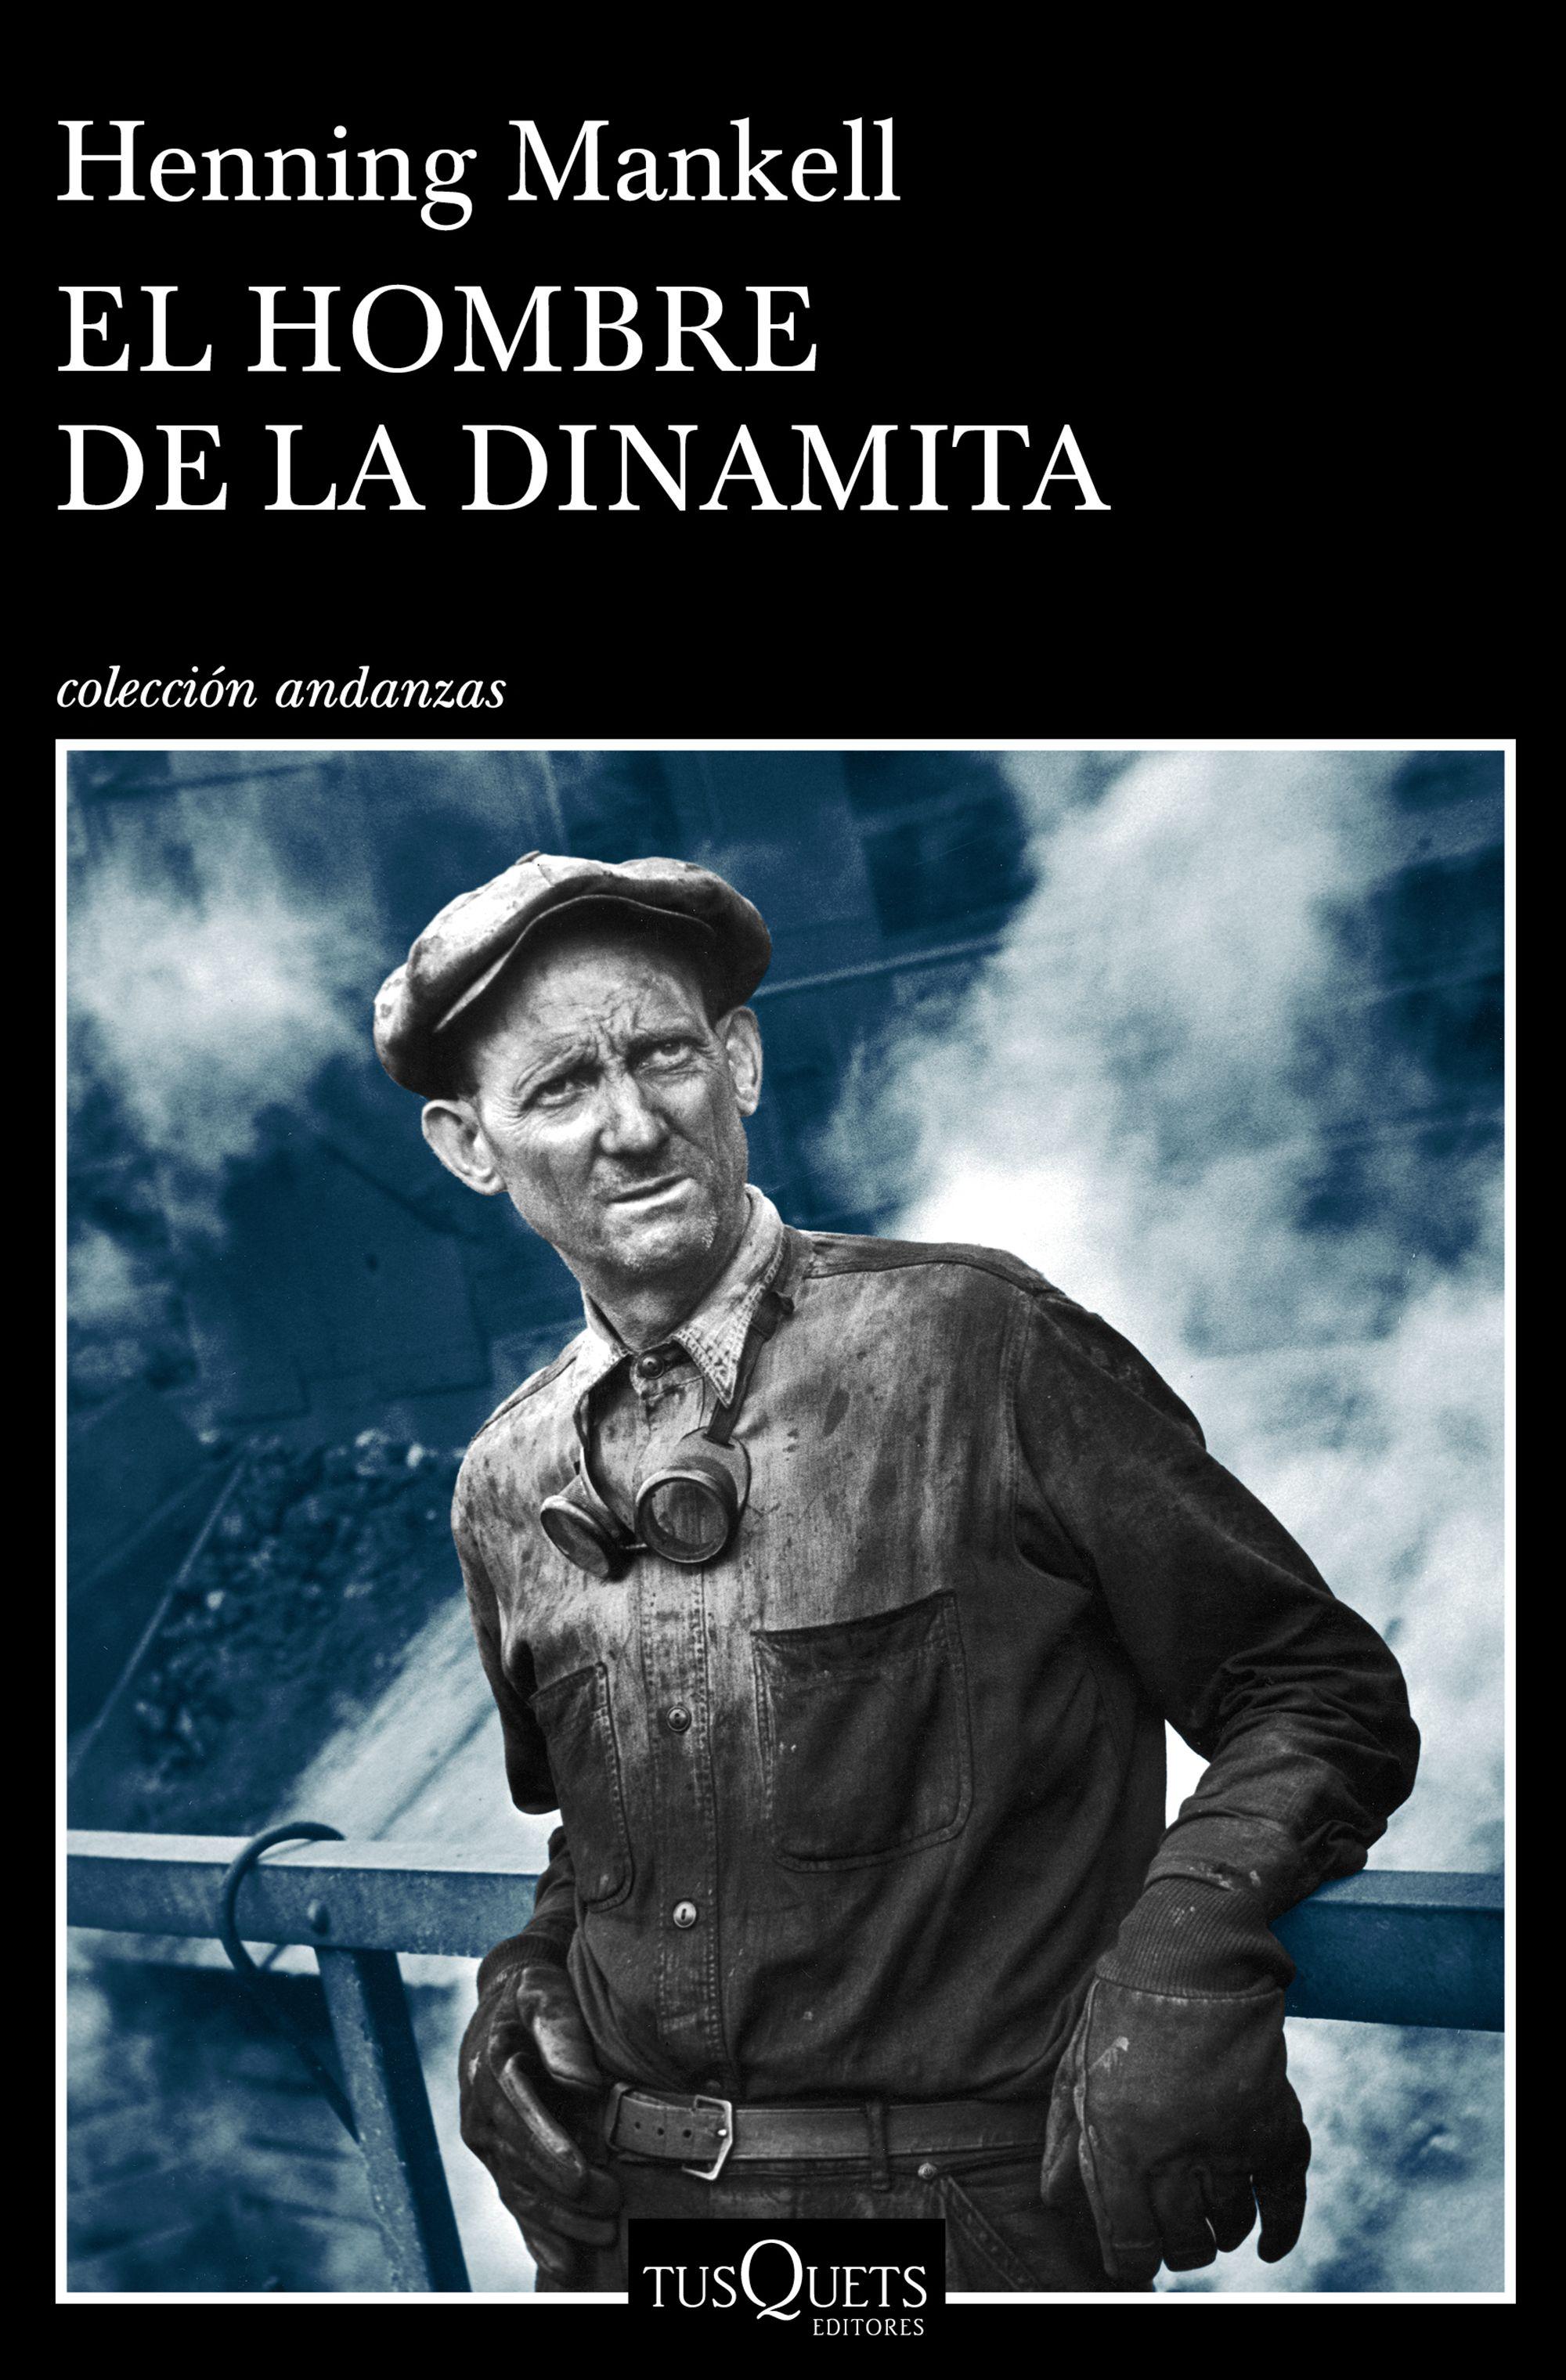 Portada libro - El hombre de la dinamita